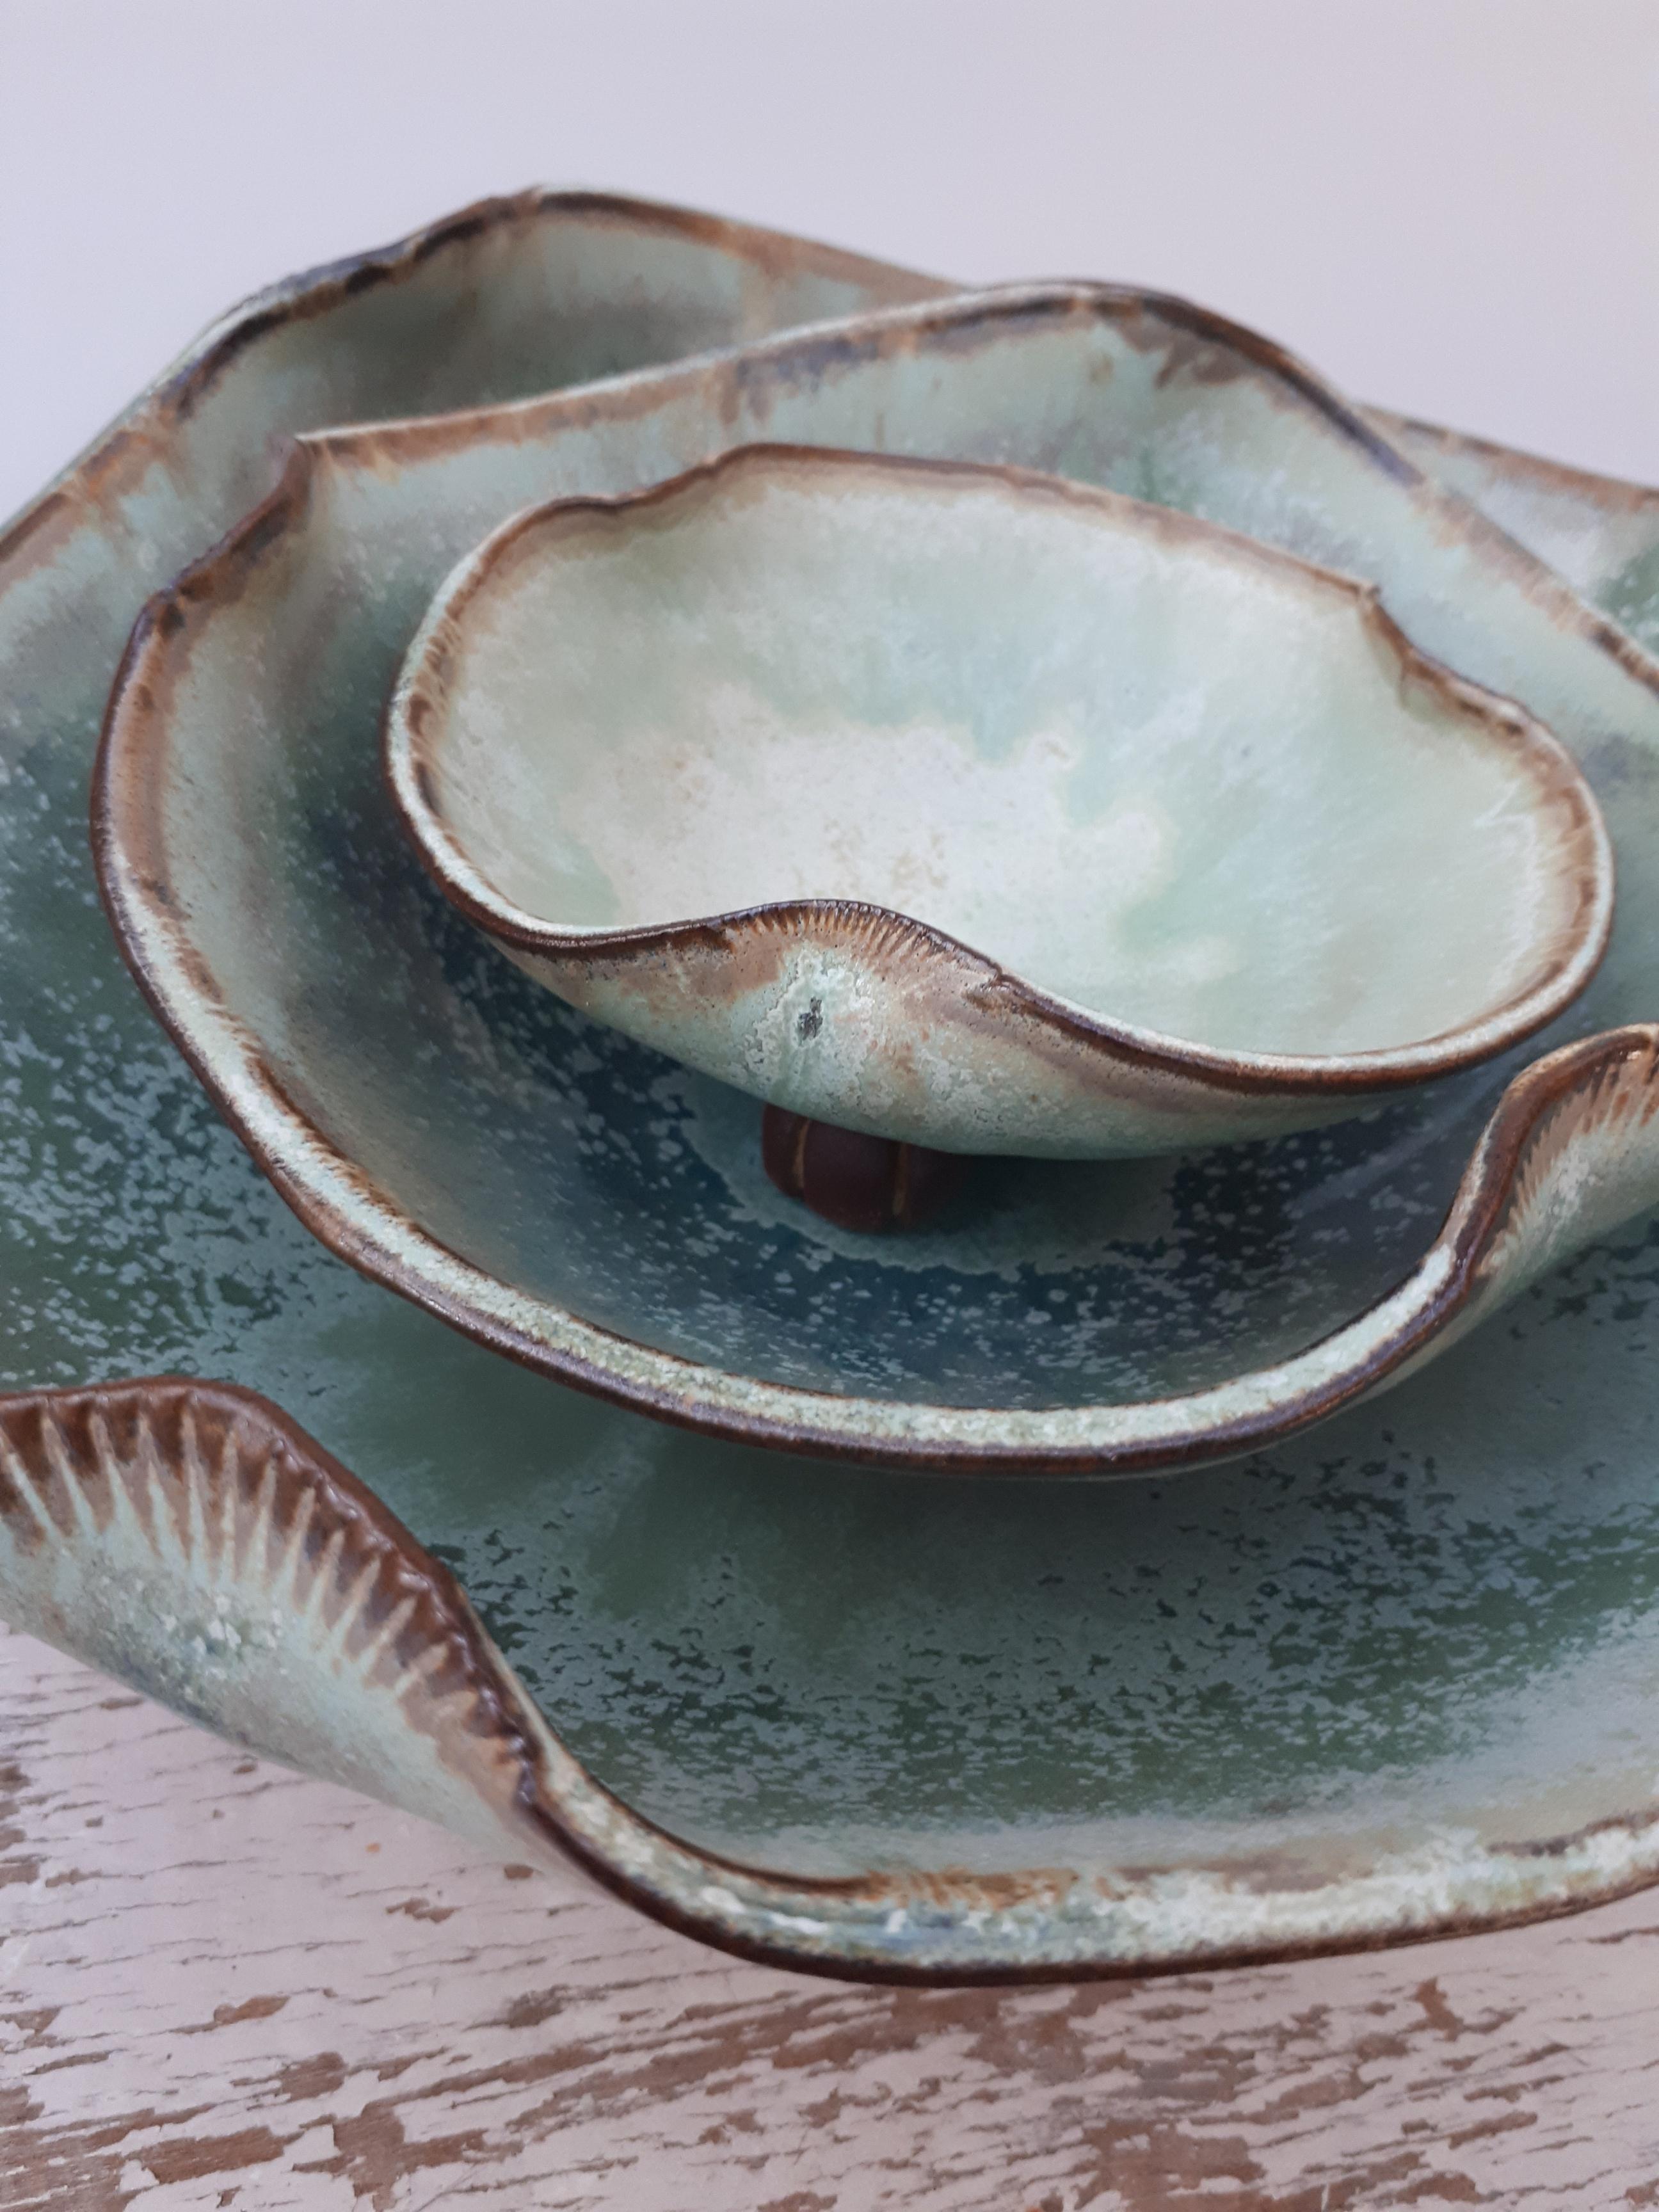 Manta Bowls